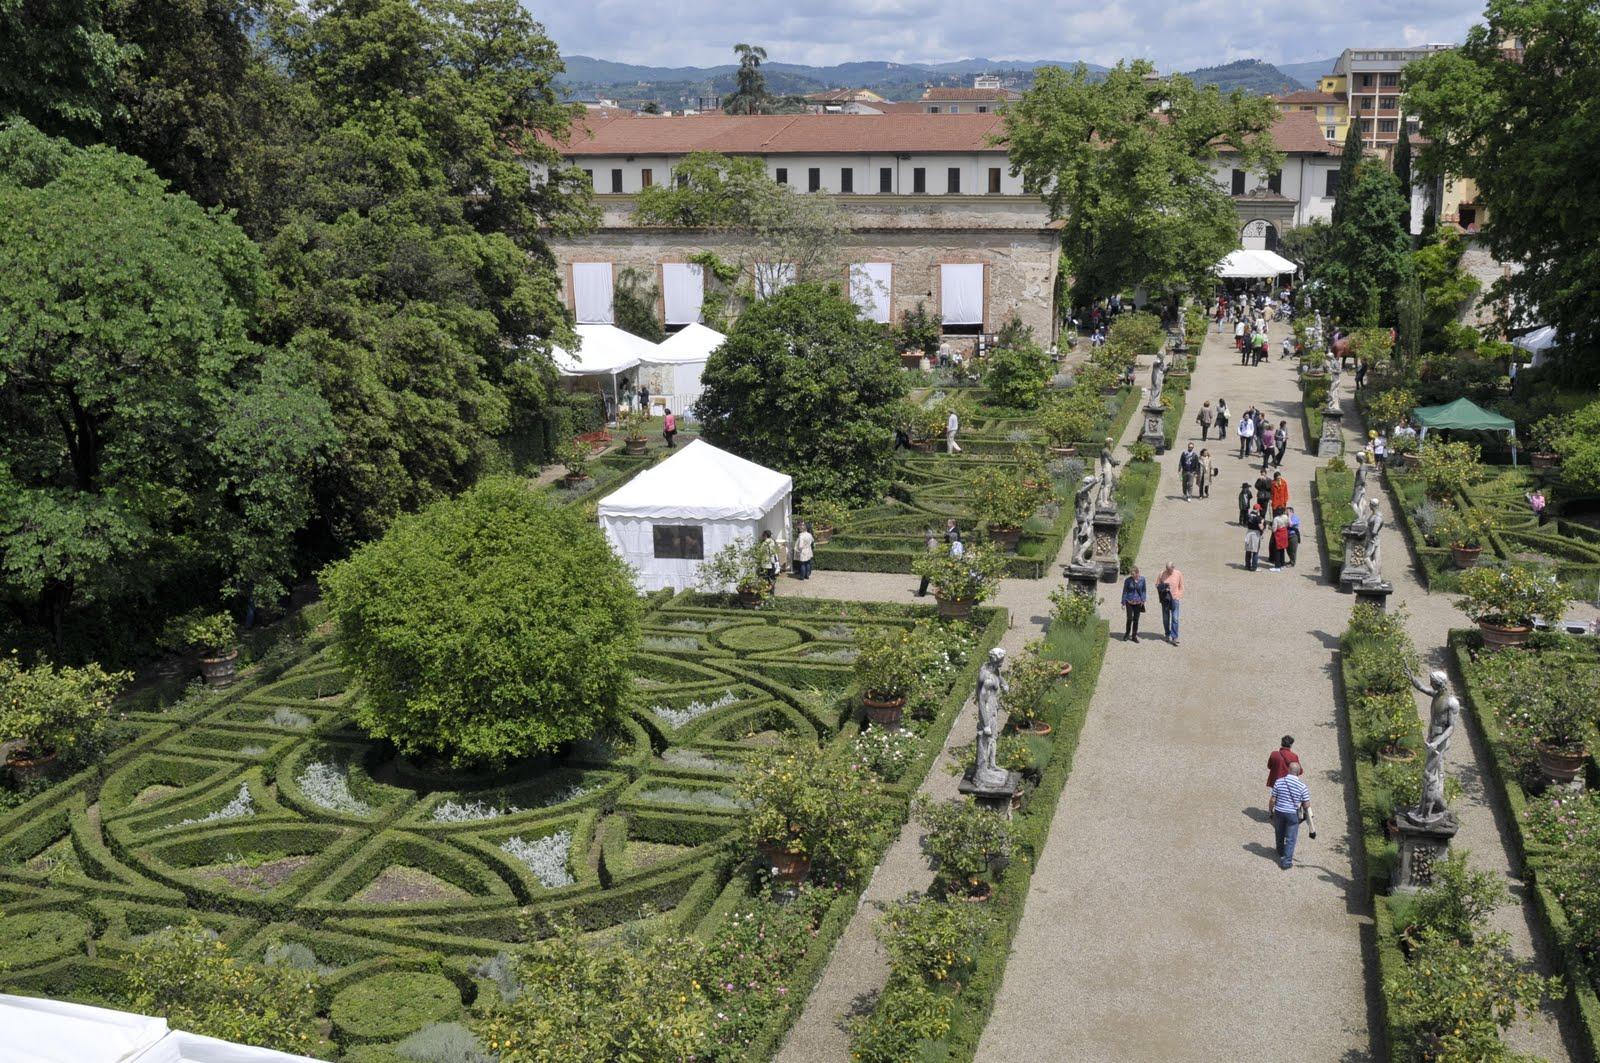 Italian botanical heritage giardino corsini al prato - I giardini di palazzo rucellai a firenze ...